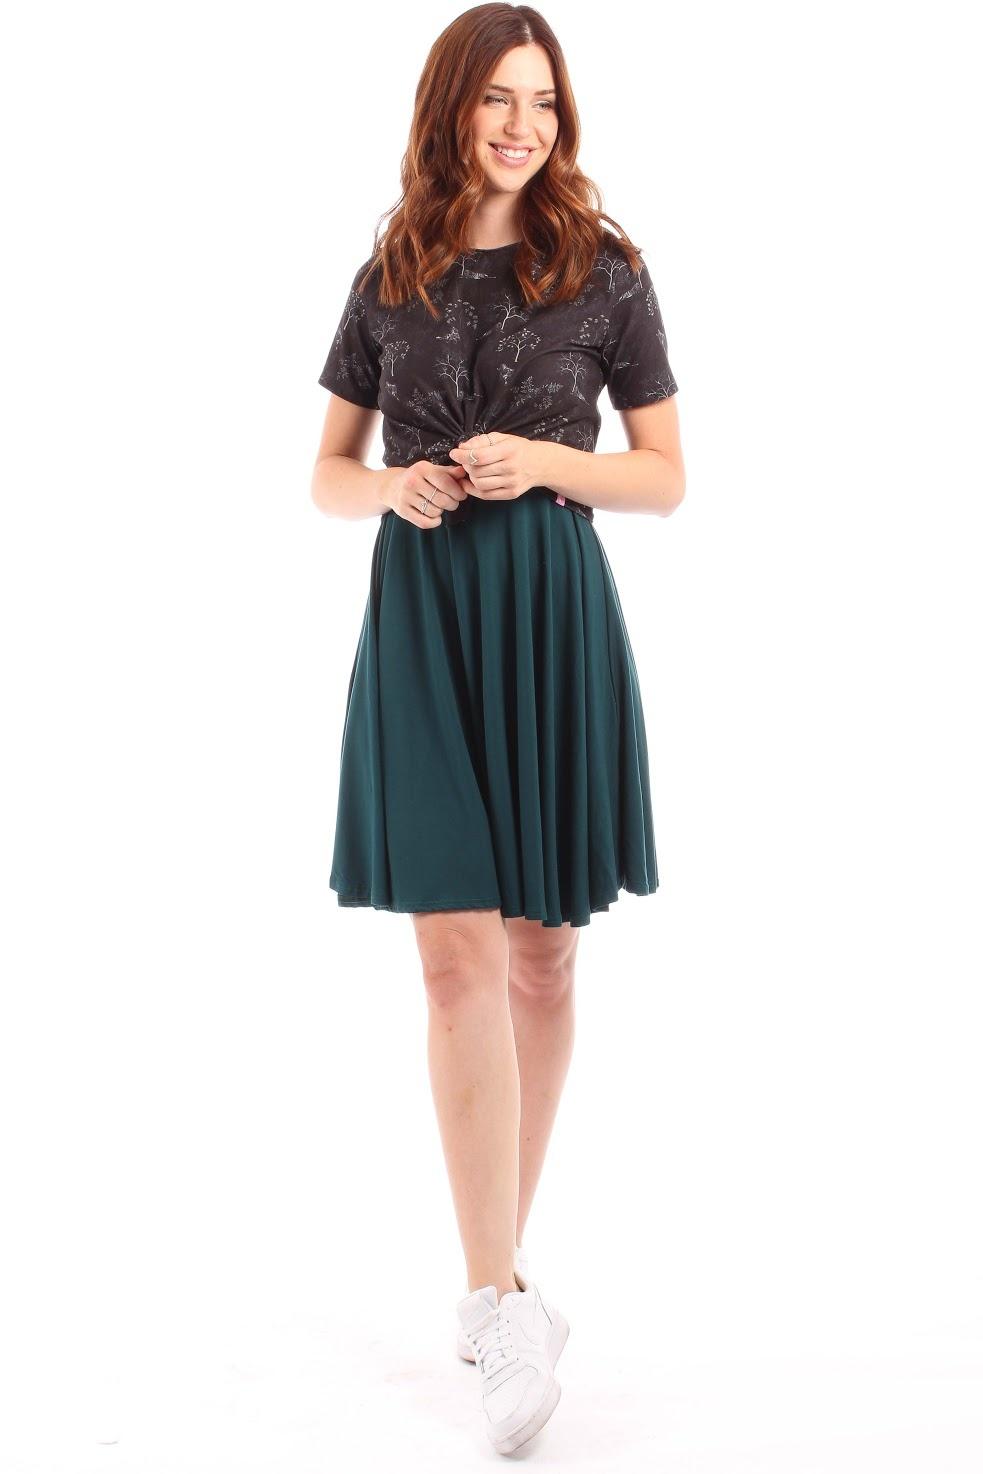 Lait De Poule LDP circle skirt base dress green